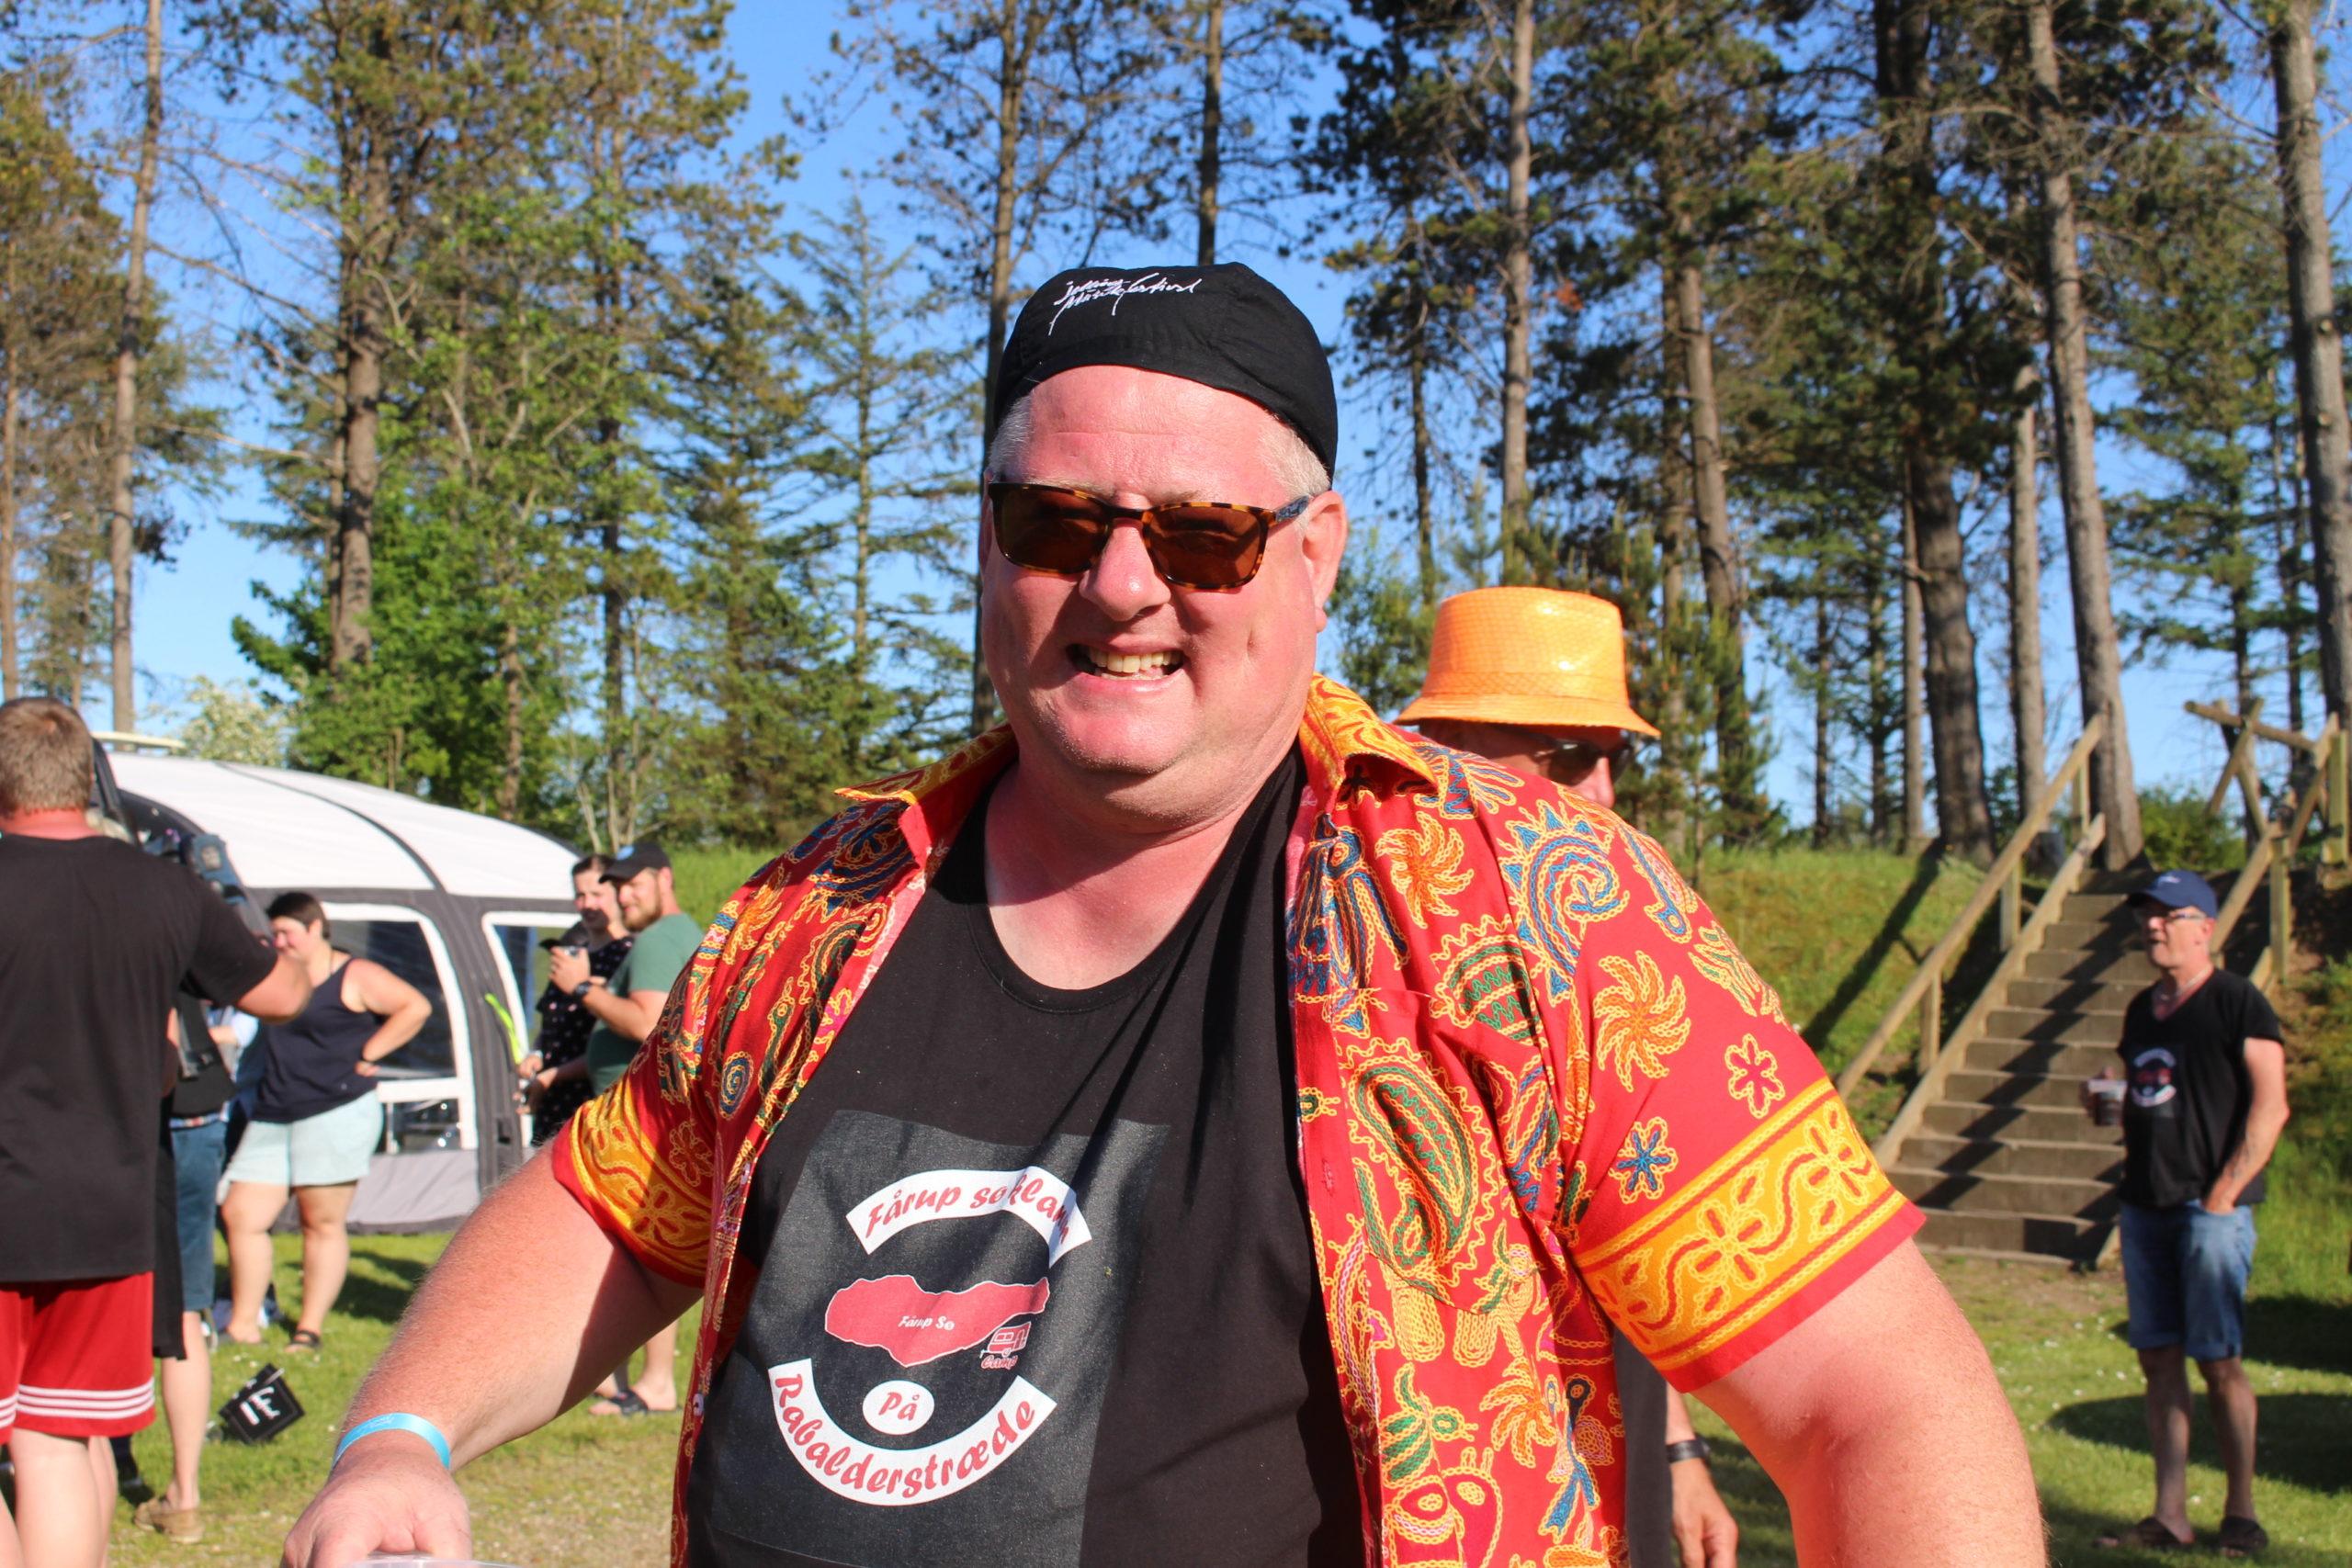 Stemningsbillede under Jelling Musikfestival på Fårup Sø Camping